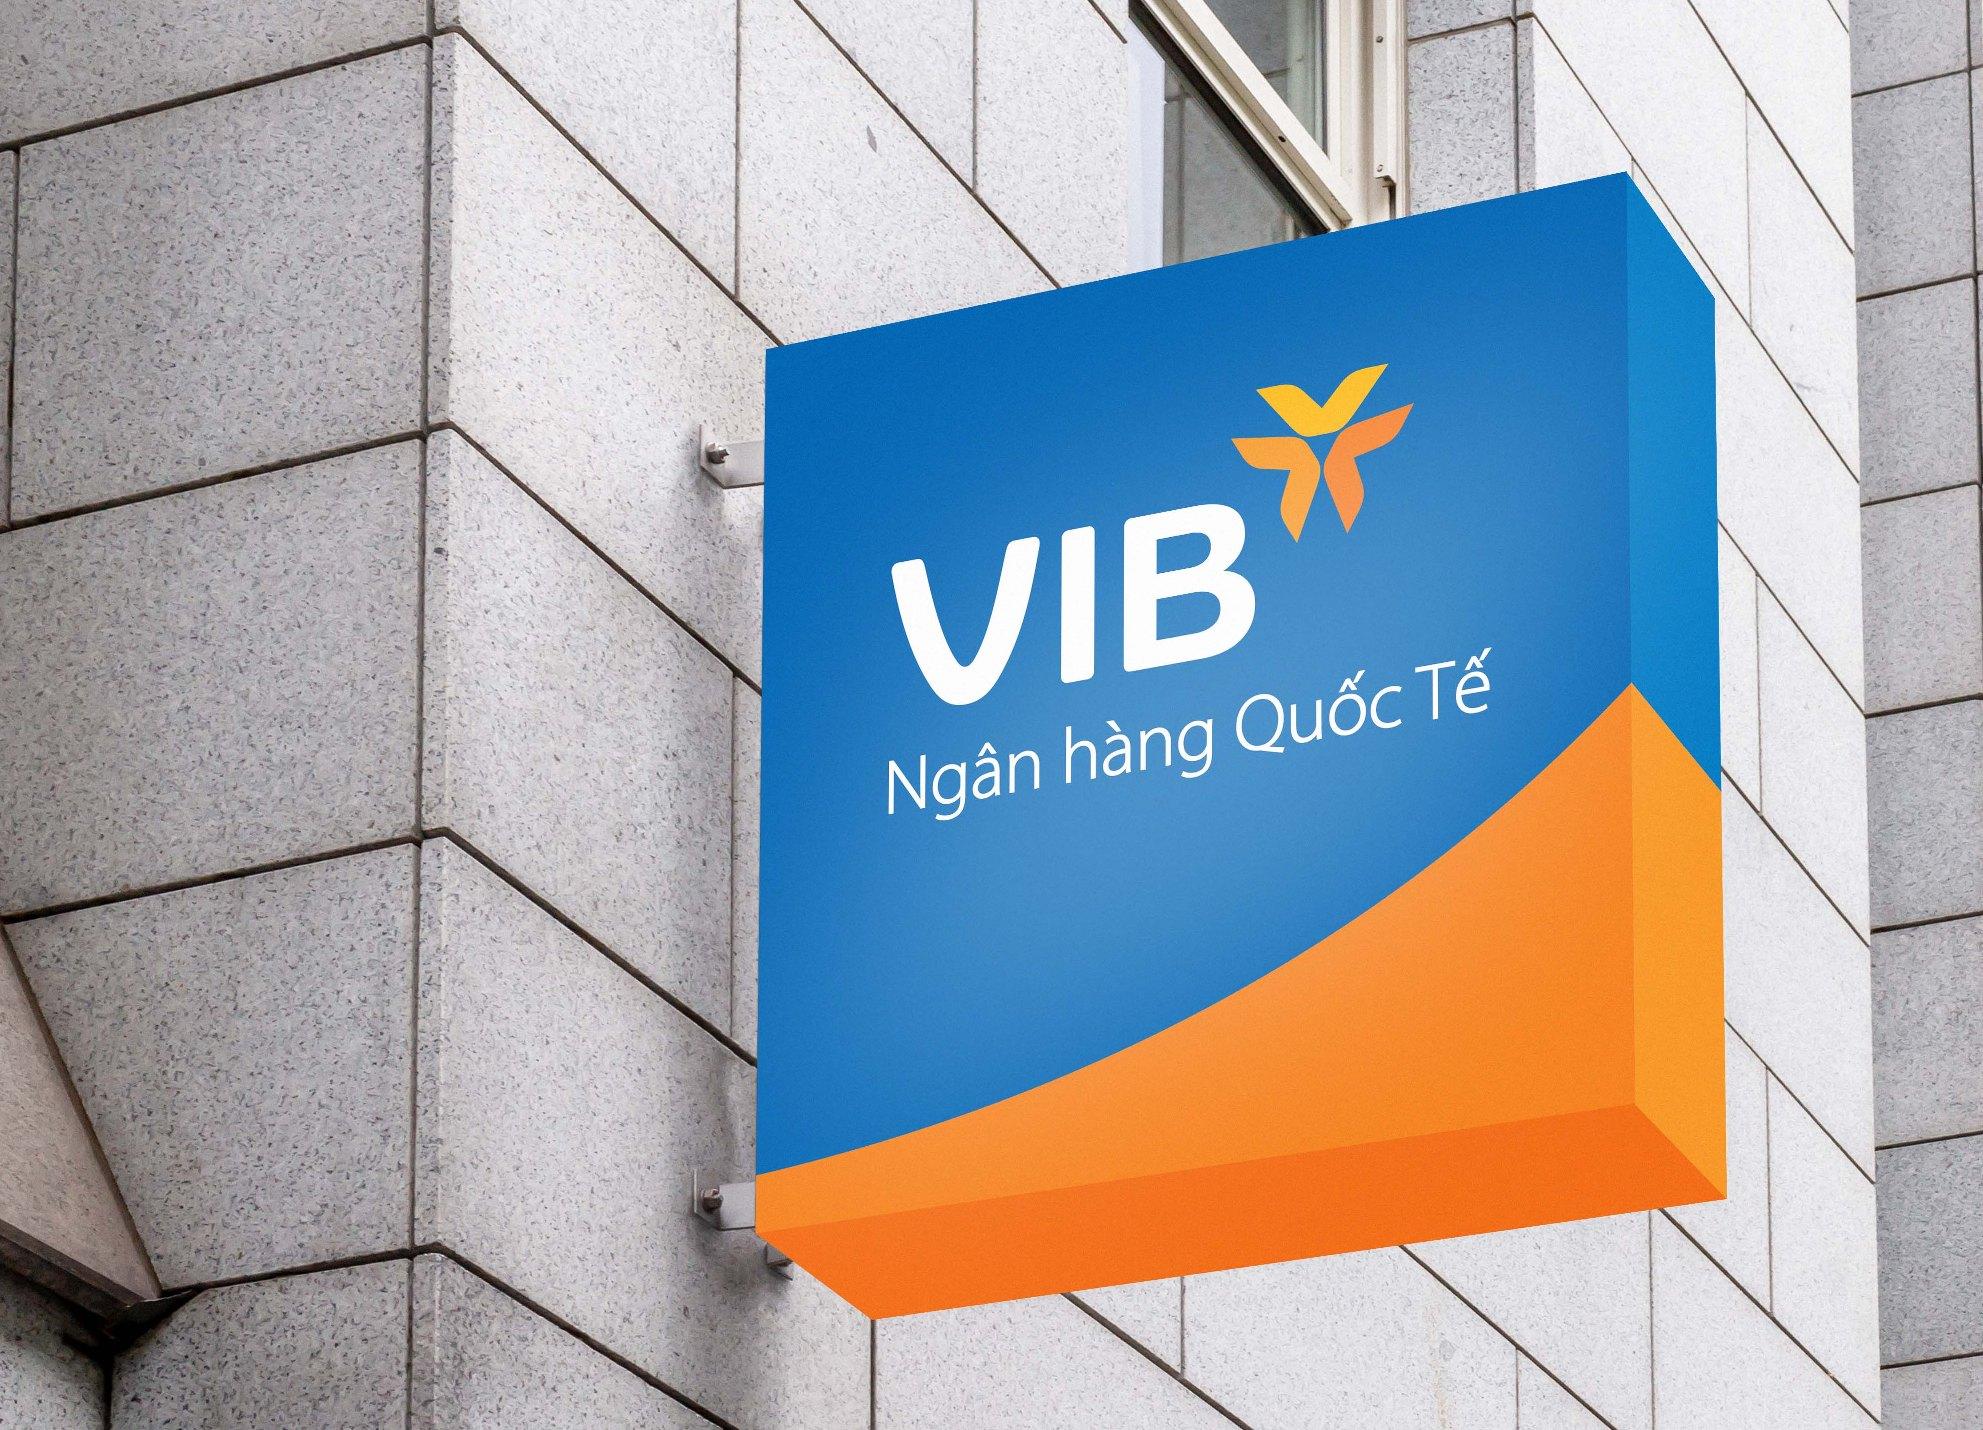 VIB đặt kế hoạch lợi nhuận 4.500 tỉ đồng, lên sàn HOSE trong năm 2020 - Ảnh 1.